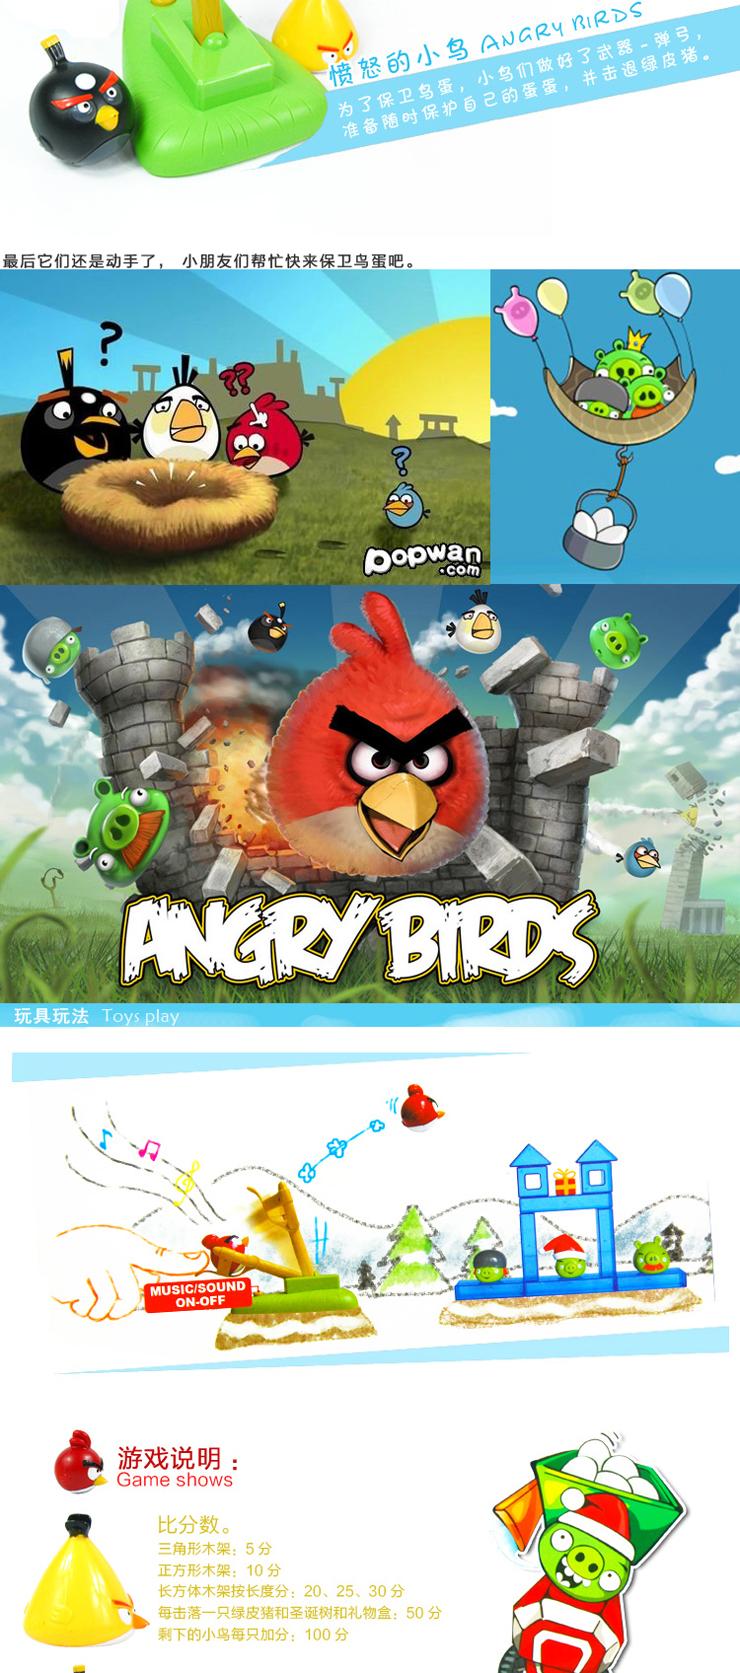 愤怒的小鸟玩具实战弹射套